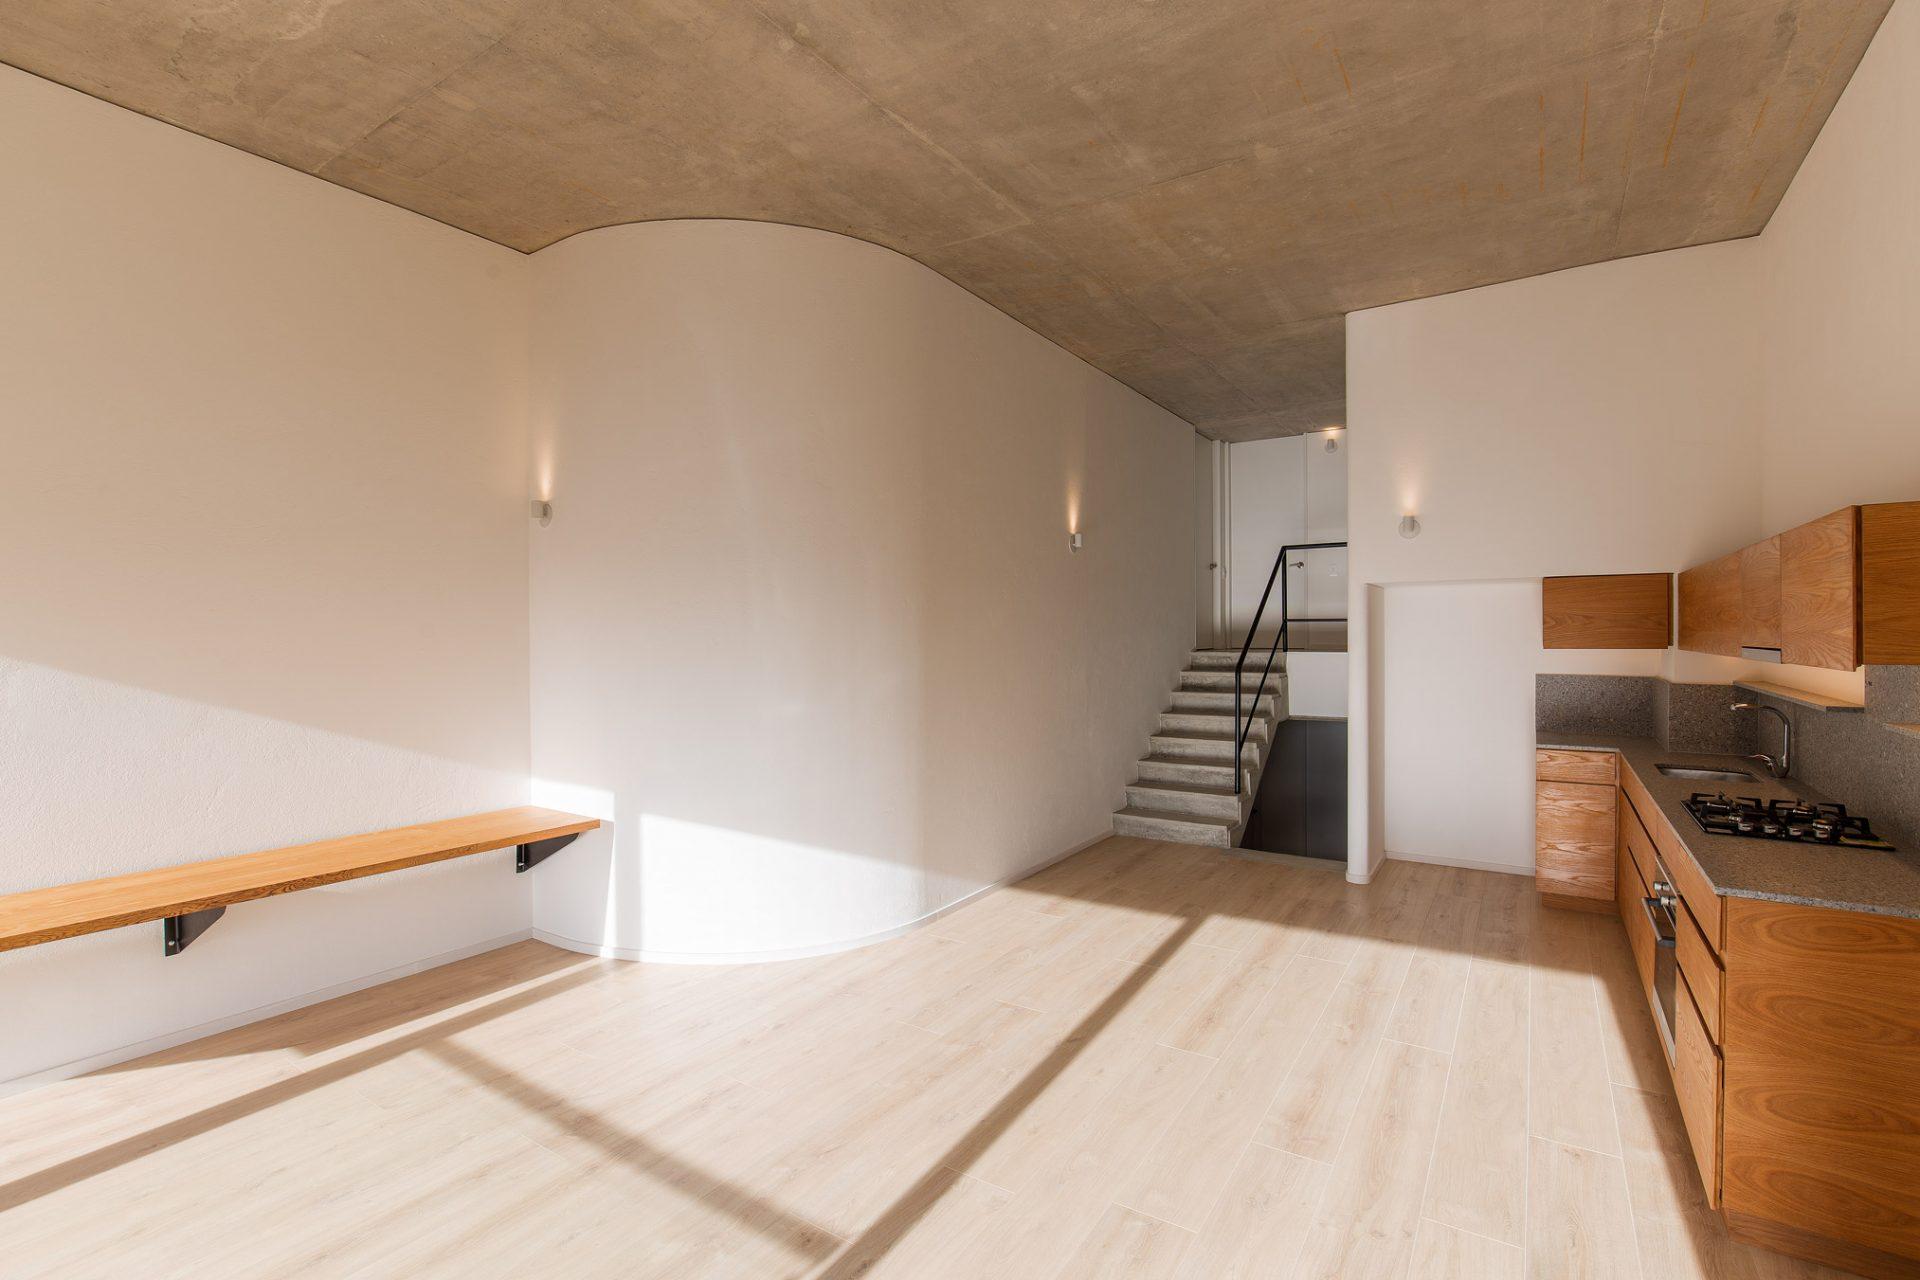 05.oberleander.arquitectos.arquitectura.architecture.interior.bogota.simon.bosch.photography